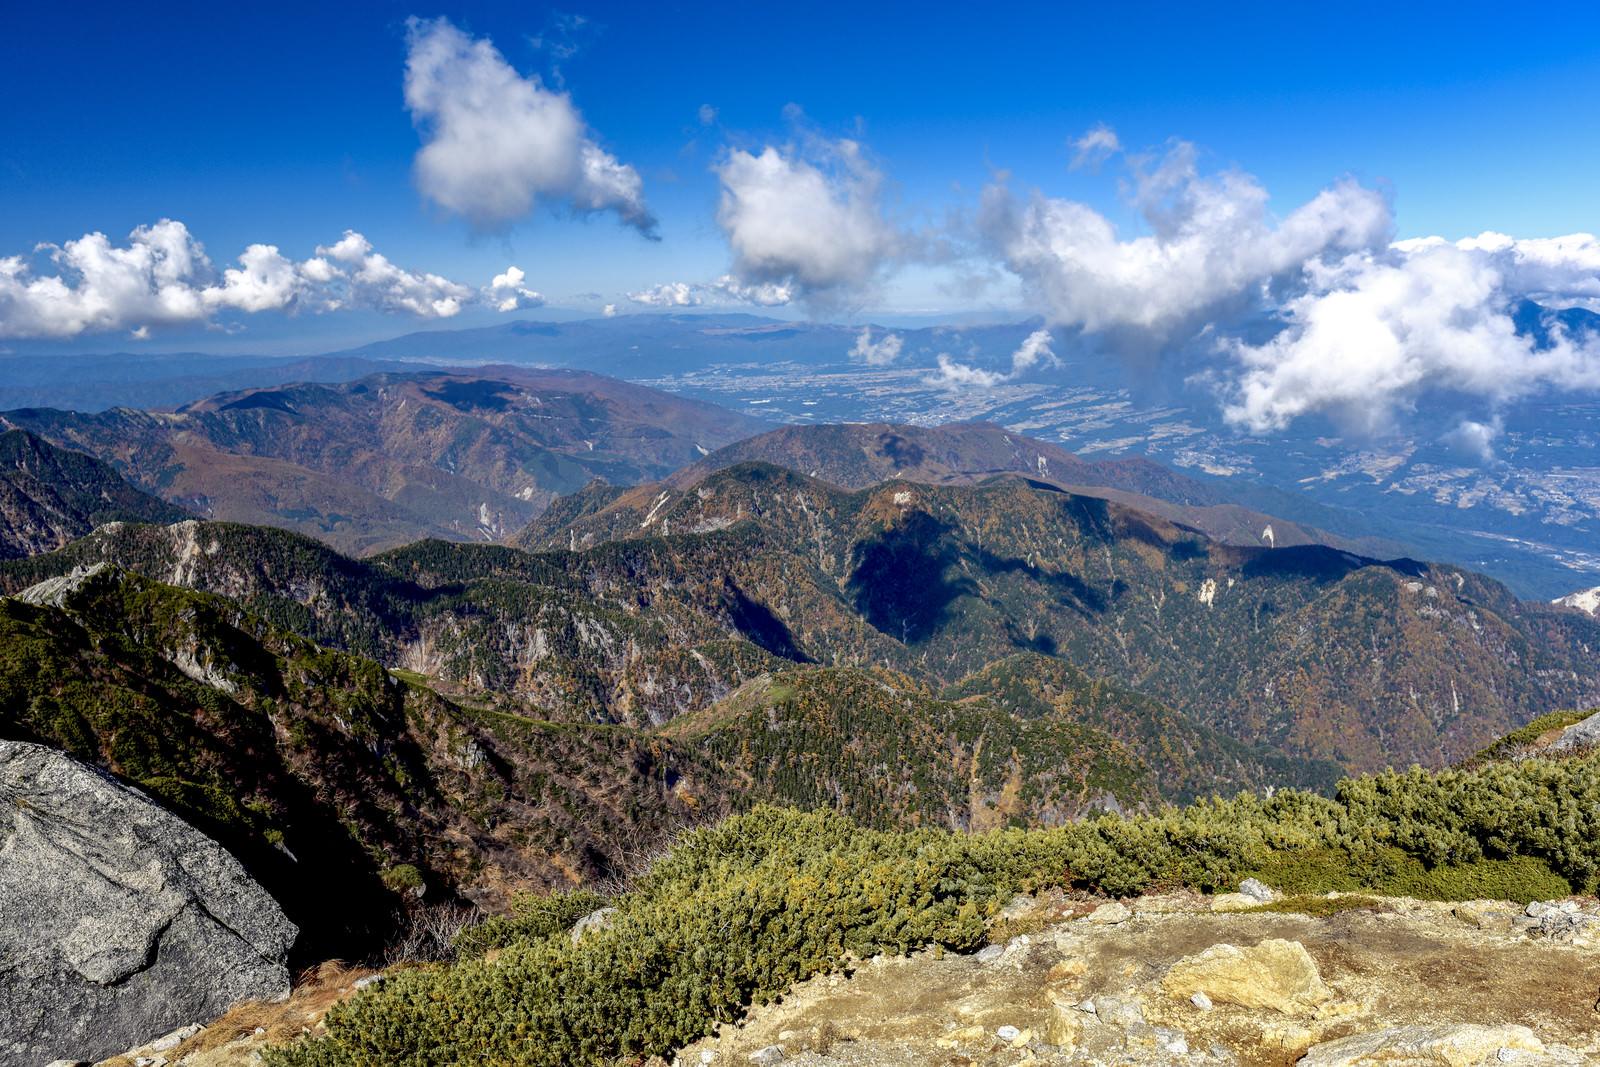 「甲斐駒ヶ岳山頂から見る紅葉の南アルプスの景色」の写真